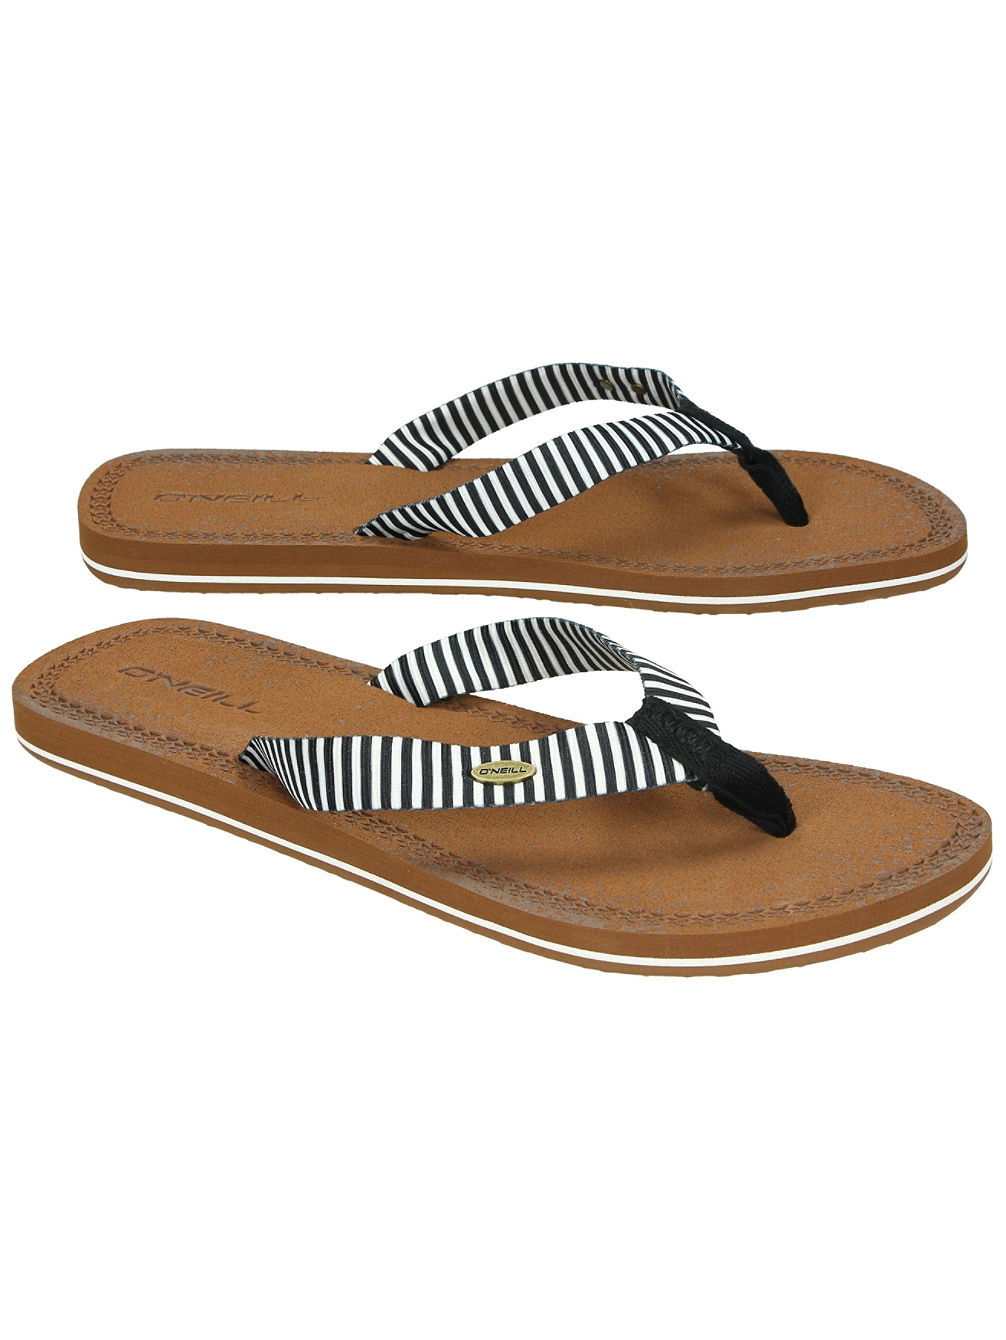 o-neill-woven-strap-sandals-women